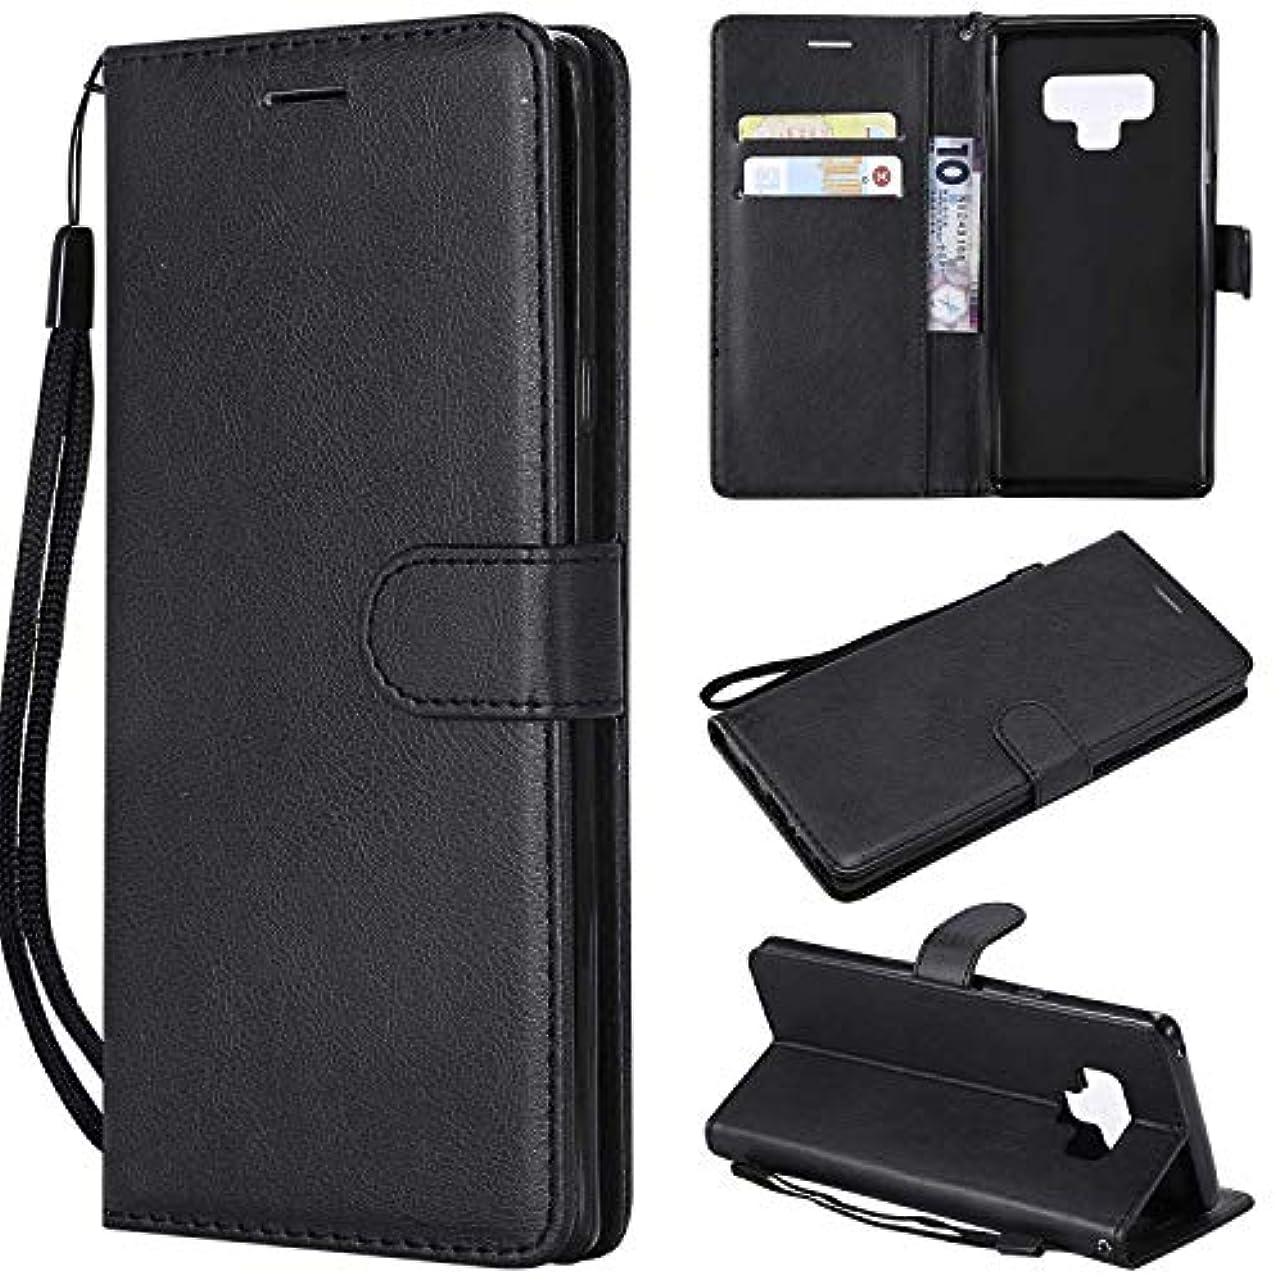 見つけた対称密Galaxy Note 9 ケース手帳型 OMATENTI レザー 革 薄型 手帳型カバー カード入れ スタンド機能 サムスン Galaxy Note 9 おしゃれ 手帳ケース (2-ブラック)